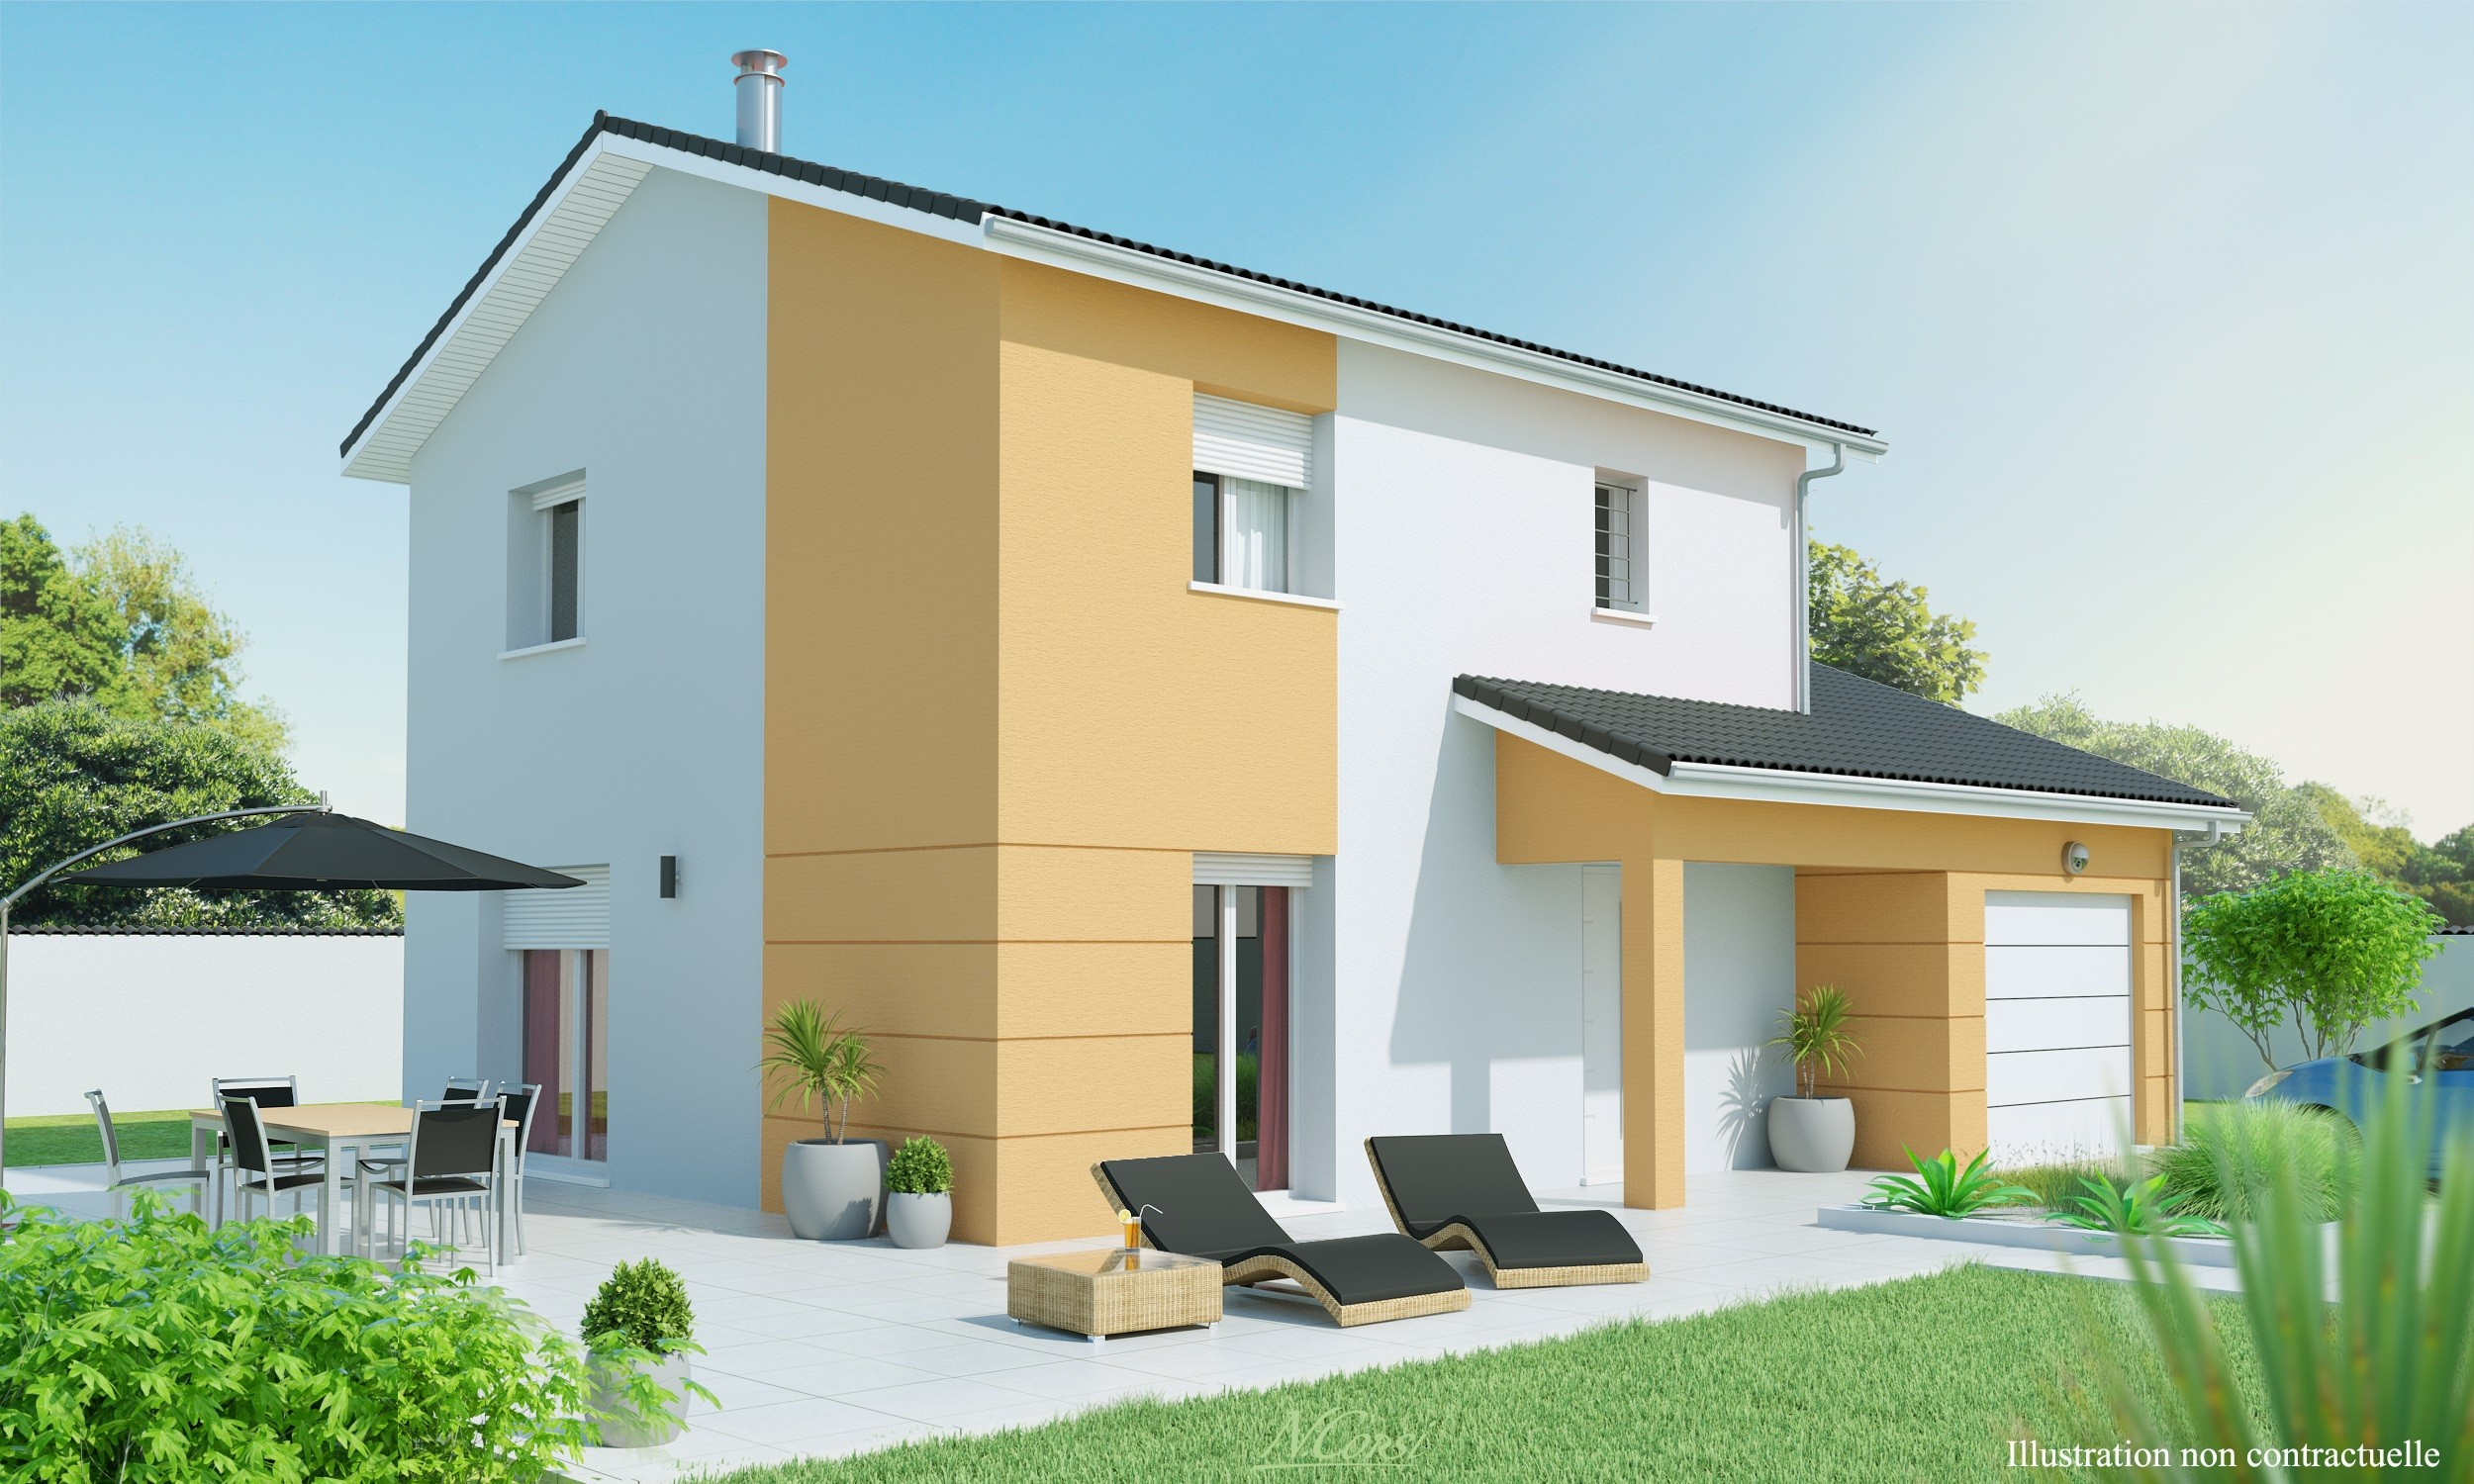 Maisons + Terrains du constructeur MAISONS AXIAL • 111 m² • EMERINGES